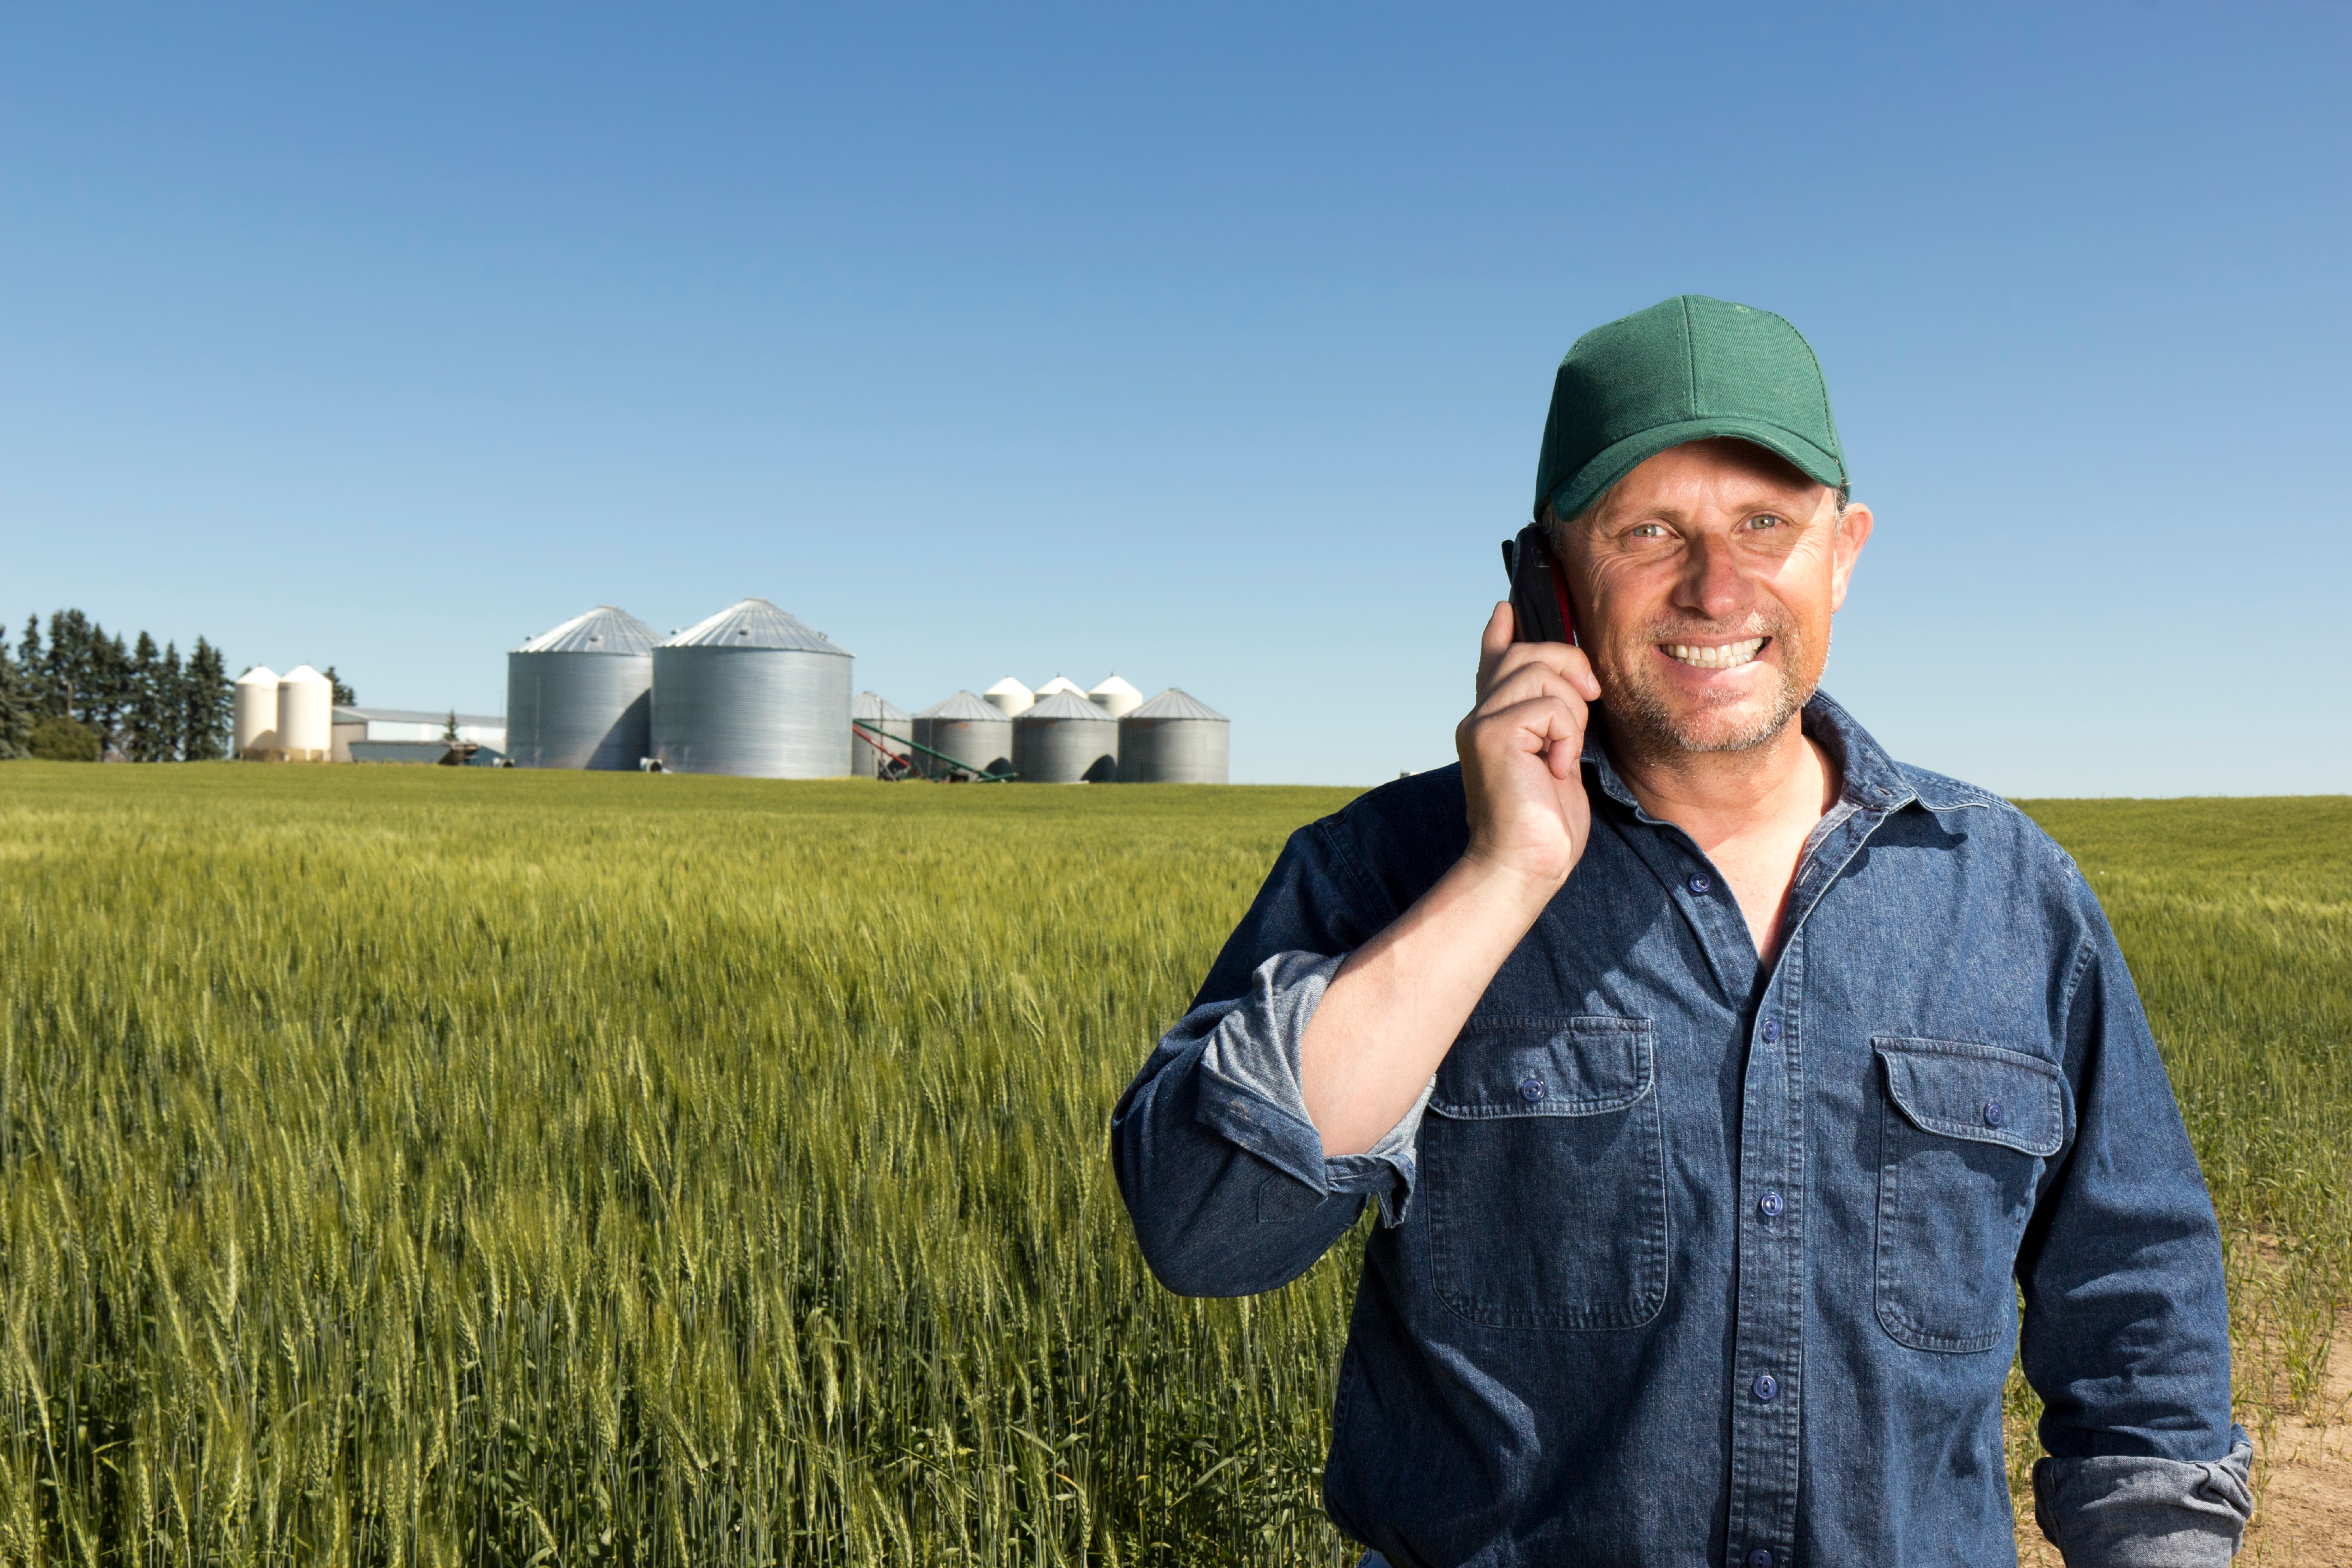 farmer talking in field.jpg